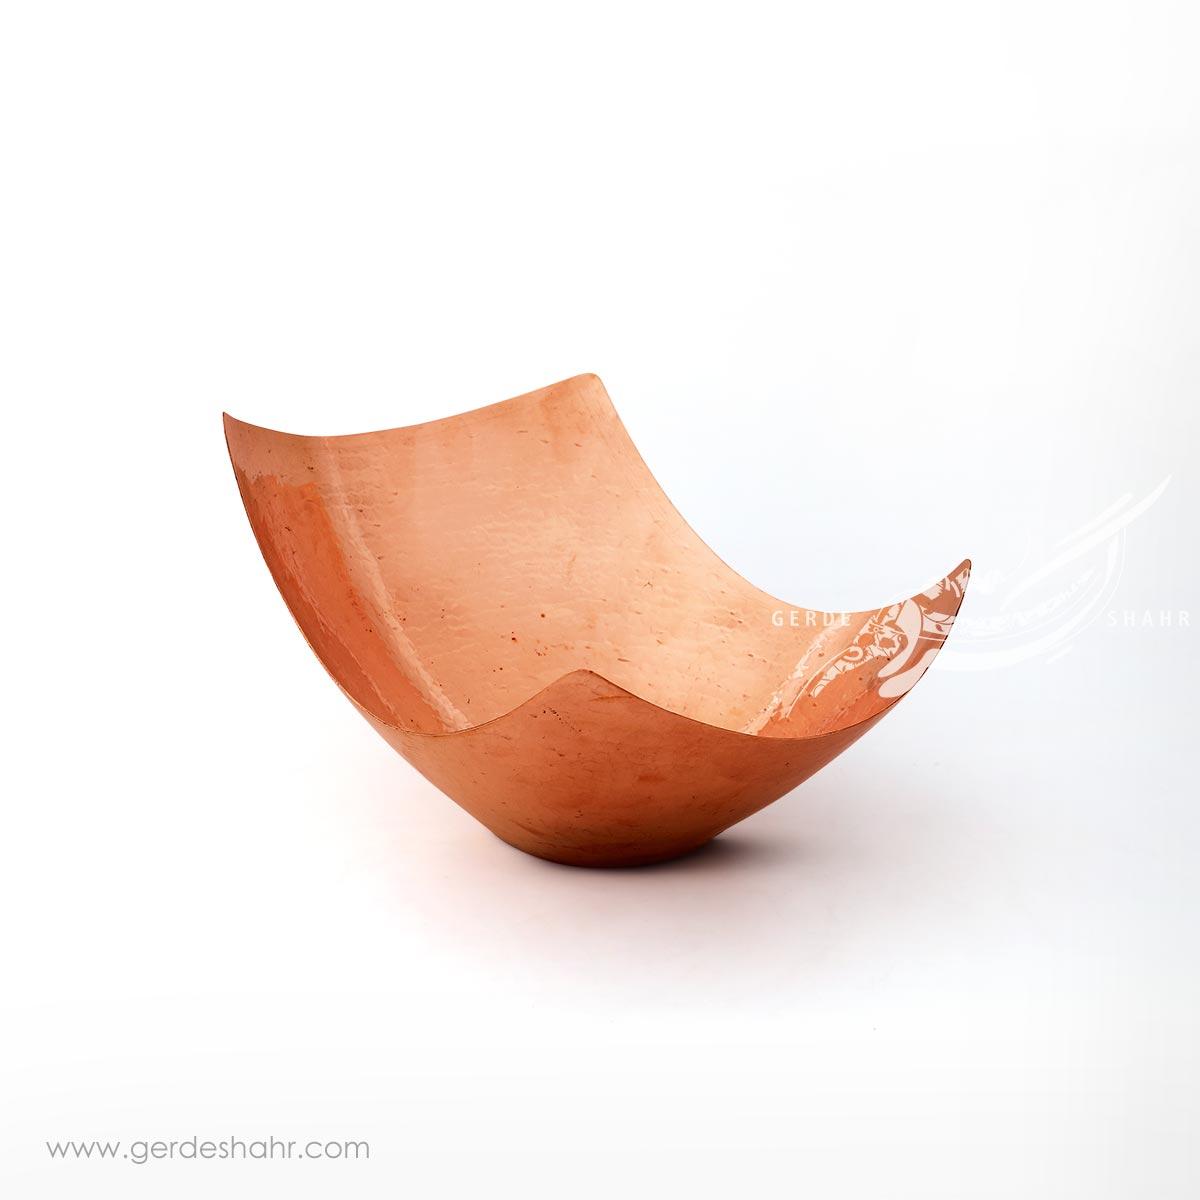 کاسه مصری مسی کوچک مسینو محصولات